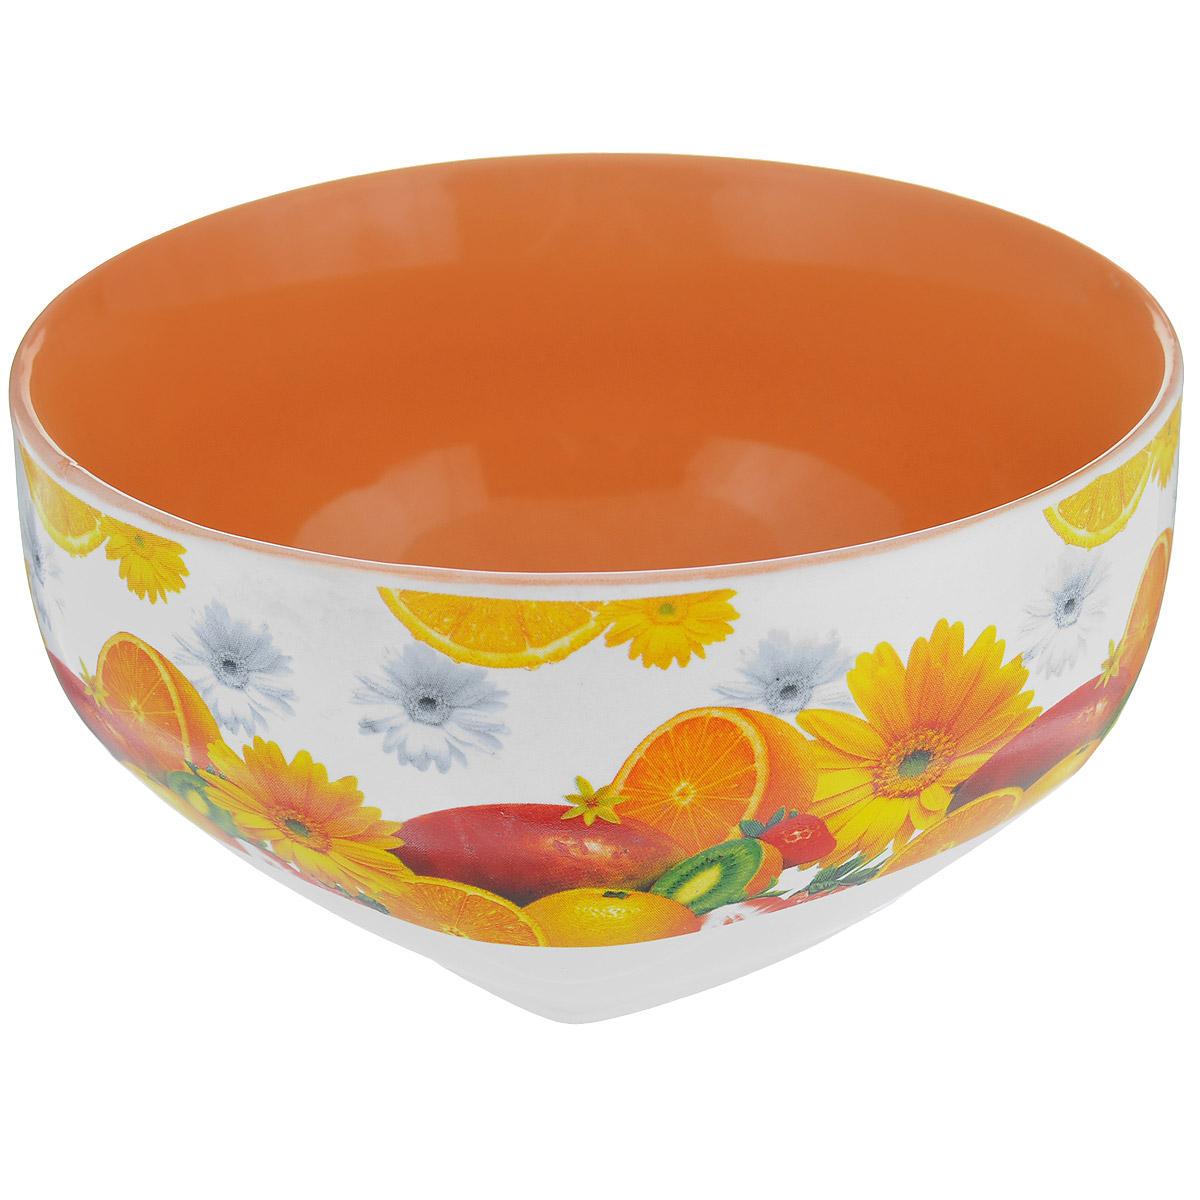 Салатник Цитрус, 510 млSXT M15-1Салатник Цитрус изготовлен из высококачественной керамики и декорирован ярким изображением цветов и апельсинов. Он прекрасно впишется в интерьер вашей кухни и станет достойным дополнением к кухонному инвентарю. Такой салатник не только украсит ваш кухонный стол и подчеркнет прекрасный вкус хозяйки, но и станет отличным подарком. Можно использовать в посудомоечной машине и микроволновой печи.